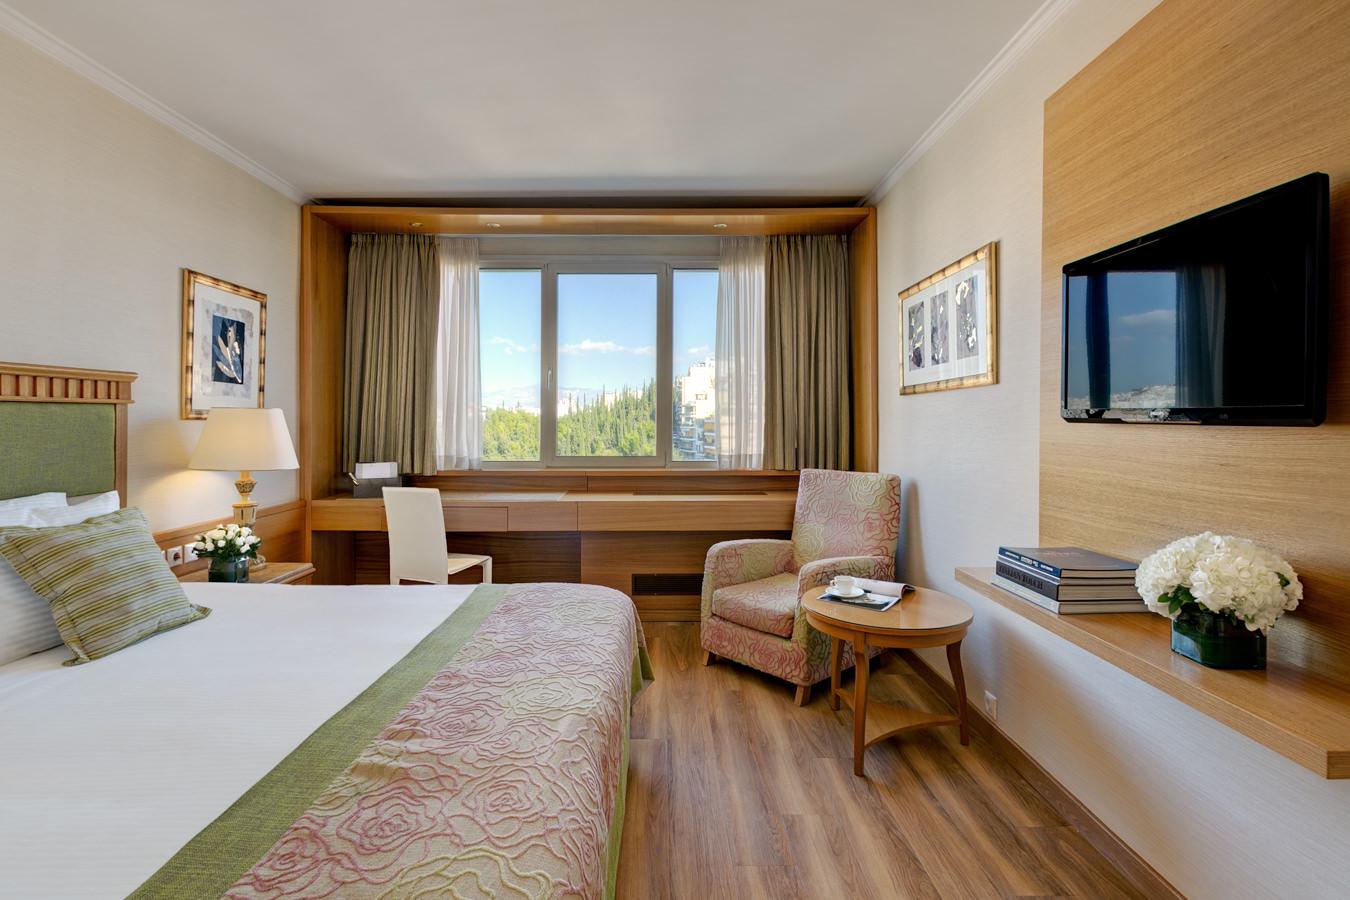 DIVANI CARAVEL HOTEL, Γιώργος Φάκαρος - Αρχιτεκτονική Φωτογραφία | Εσωτερικοί Χώροι | Φωτογραφία Ξενοδοχειών - Photography / Φωτογραφία